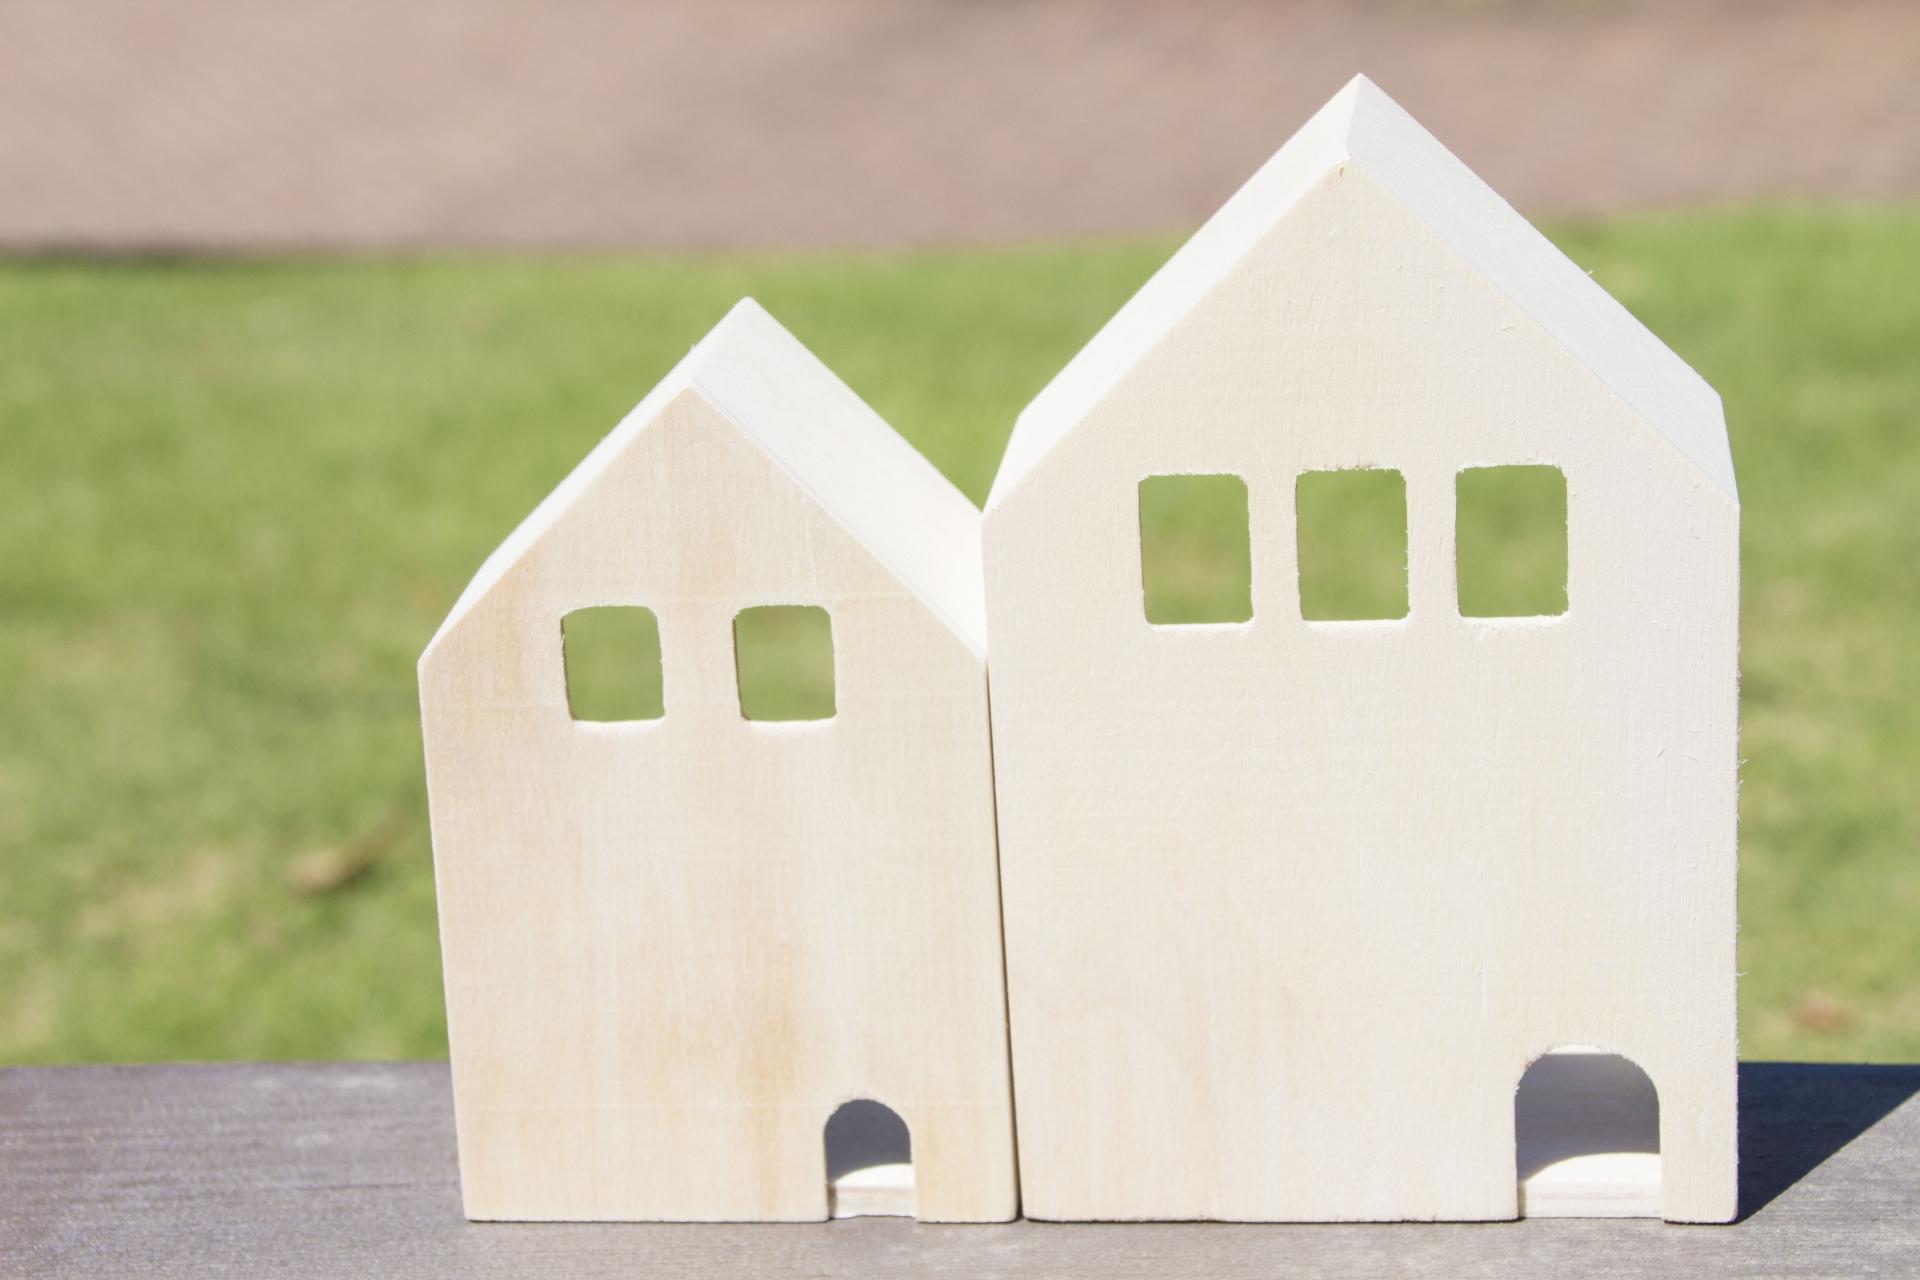 平屋と二階建てを建てる際にどちらが住みやすさ、費用、税金などが有利なのかなど違いを分かりやすく解説します